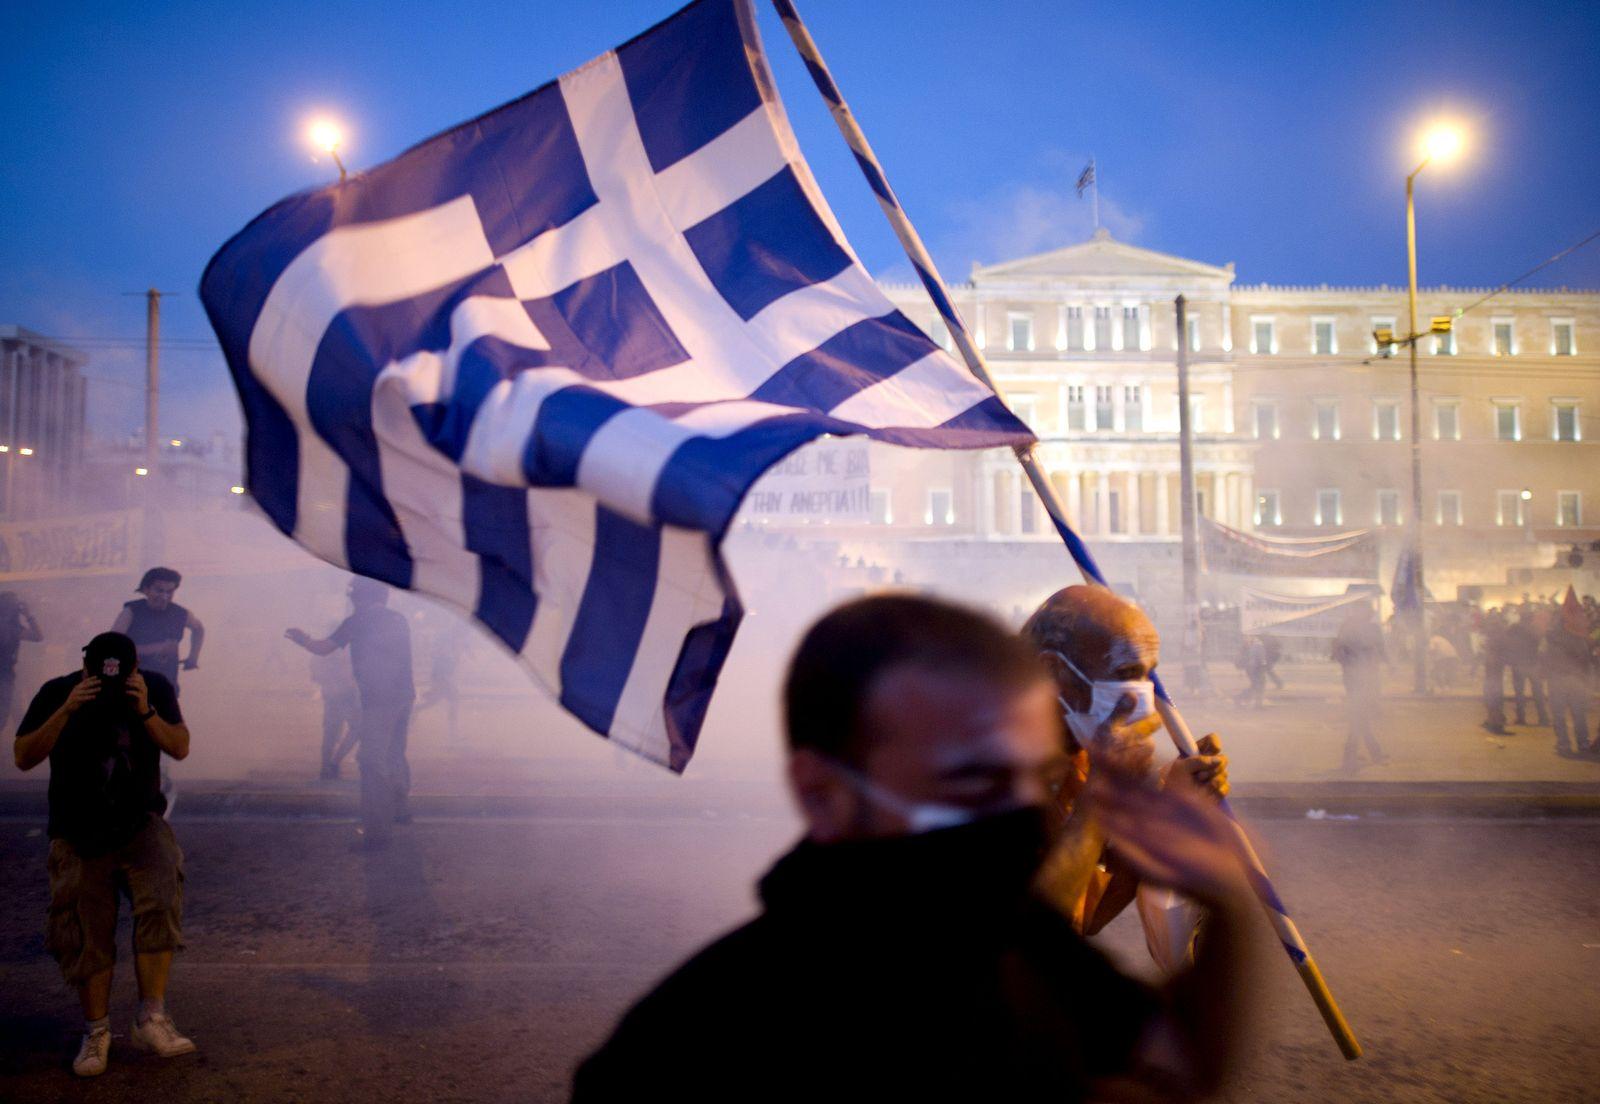 Proteste in Athen / Demonstrant / Gewalt / Ausschreitung / Griechenland